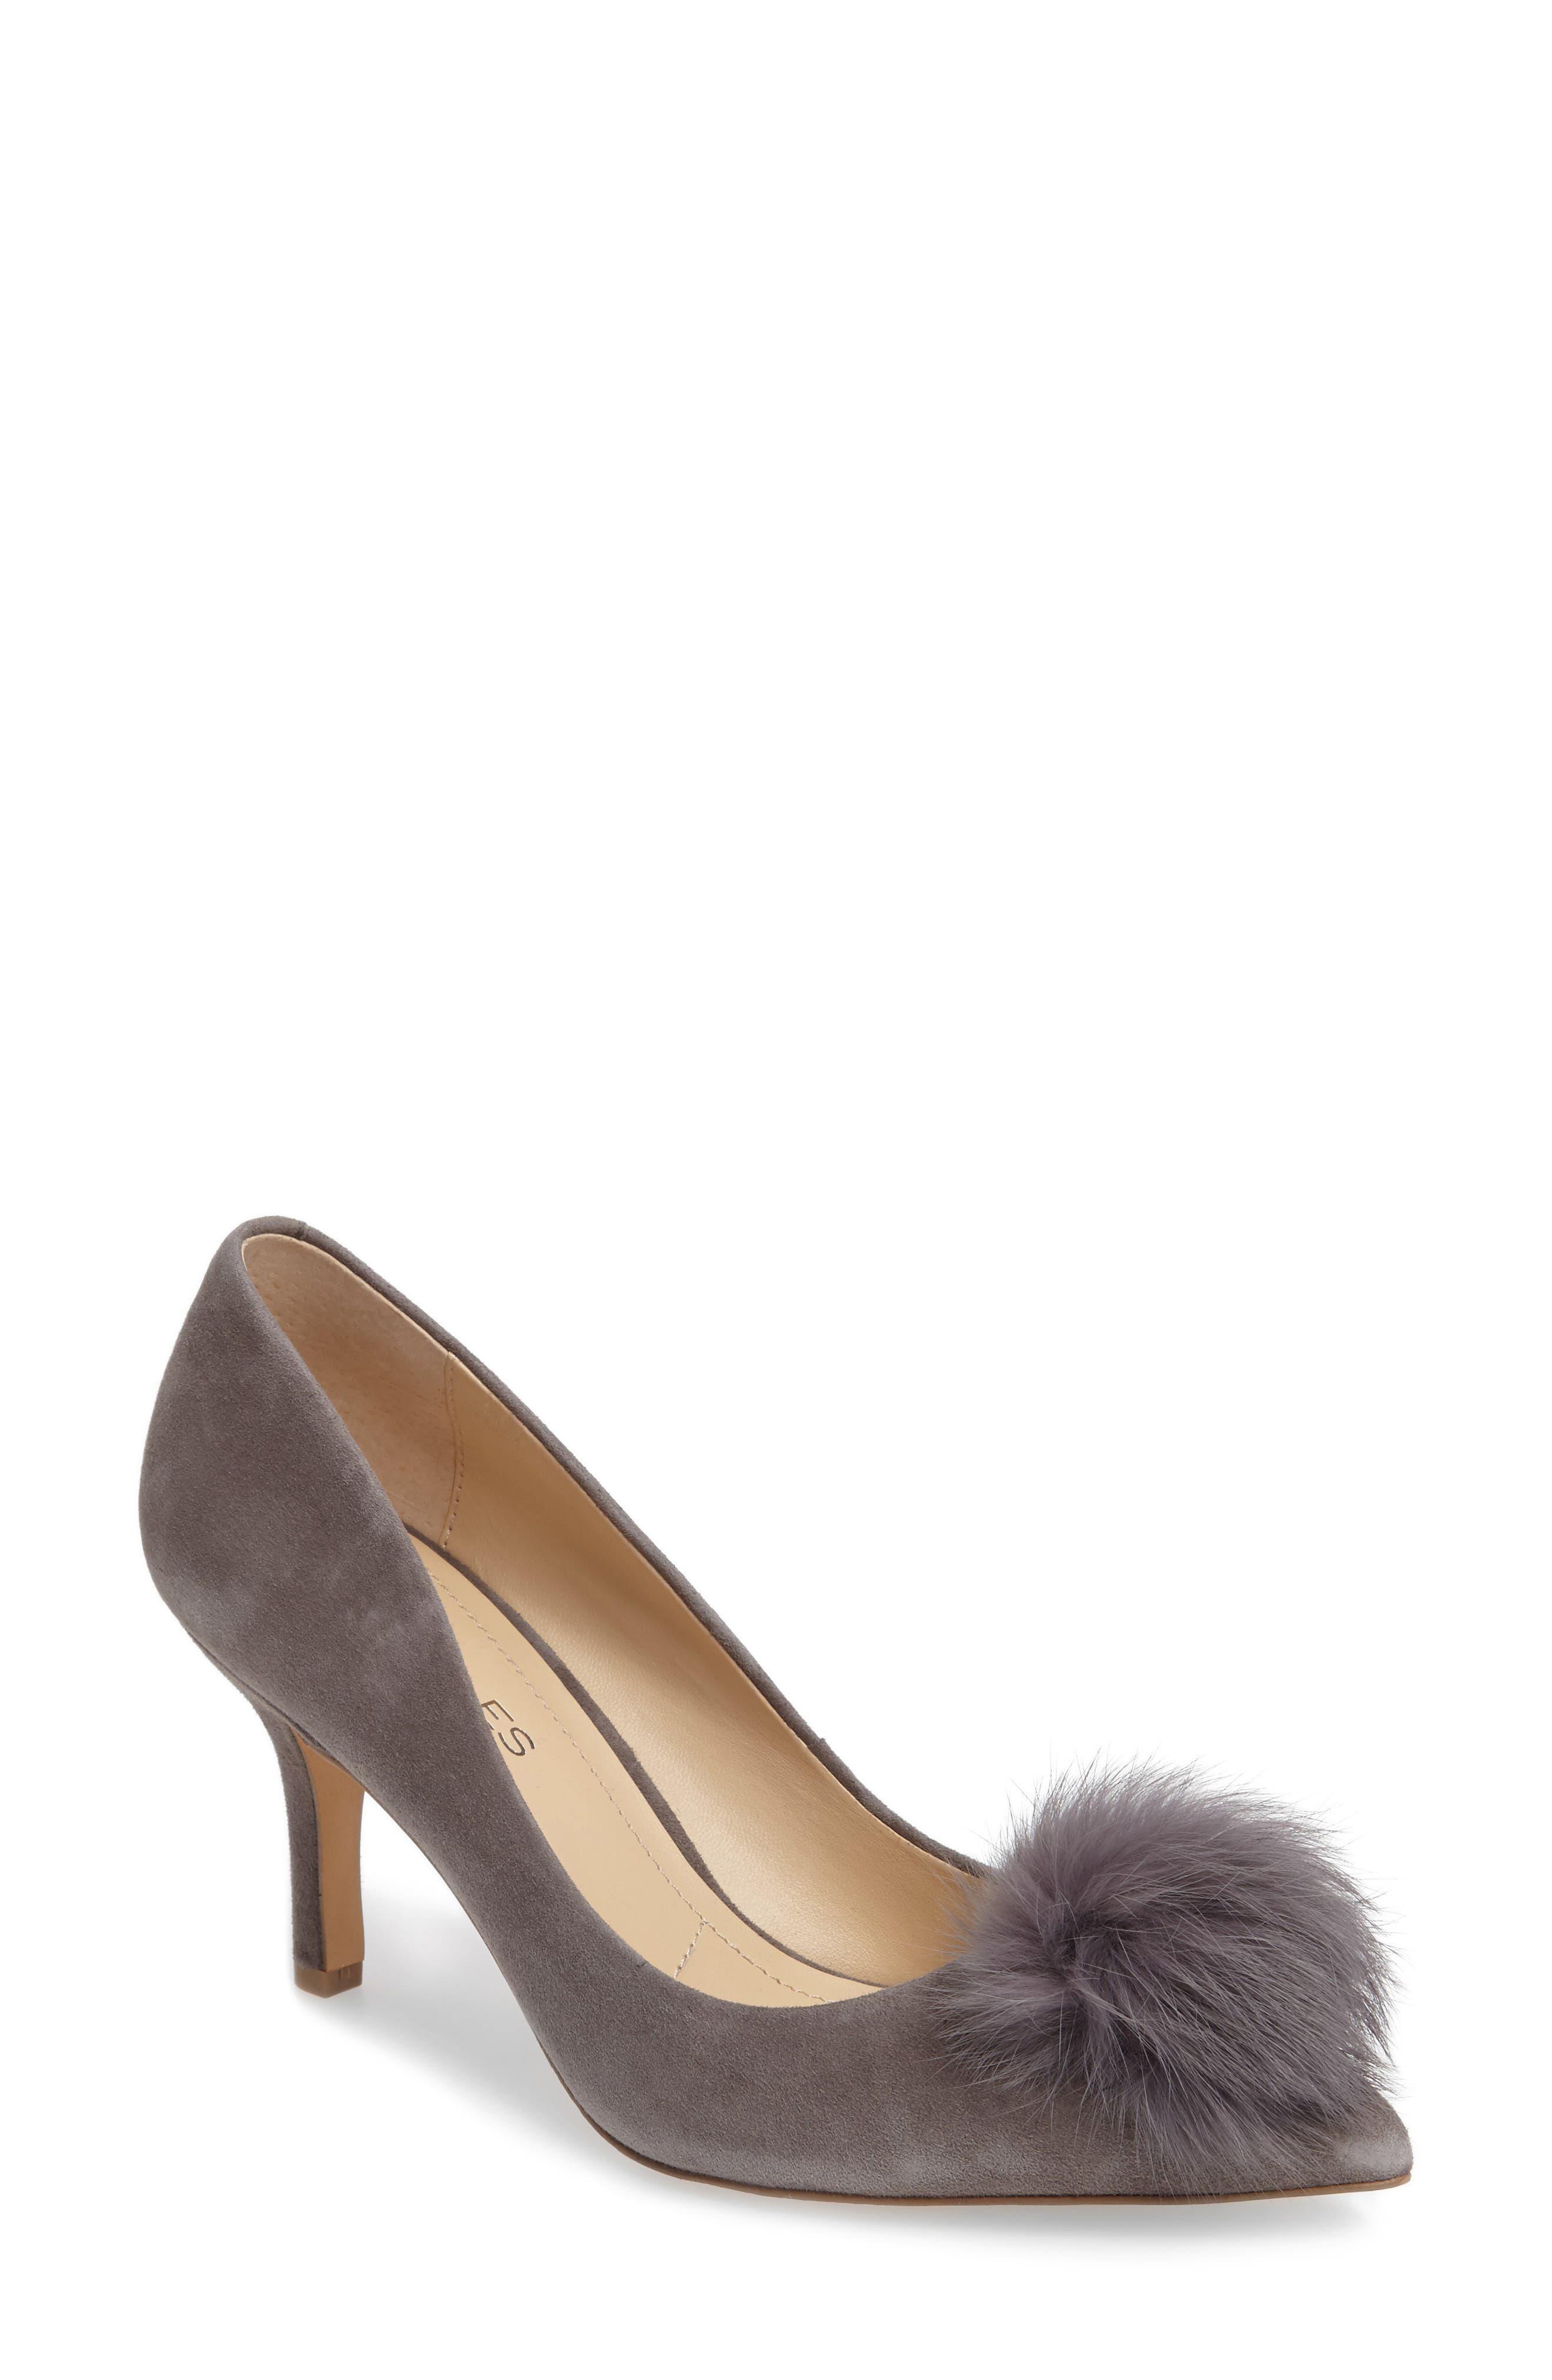 Alternate Image 1 Selected - Charles by Charles David Sadie Genuine Rabbit Fur Pom Pump (Women)